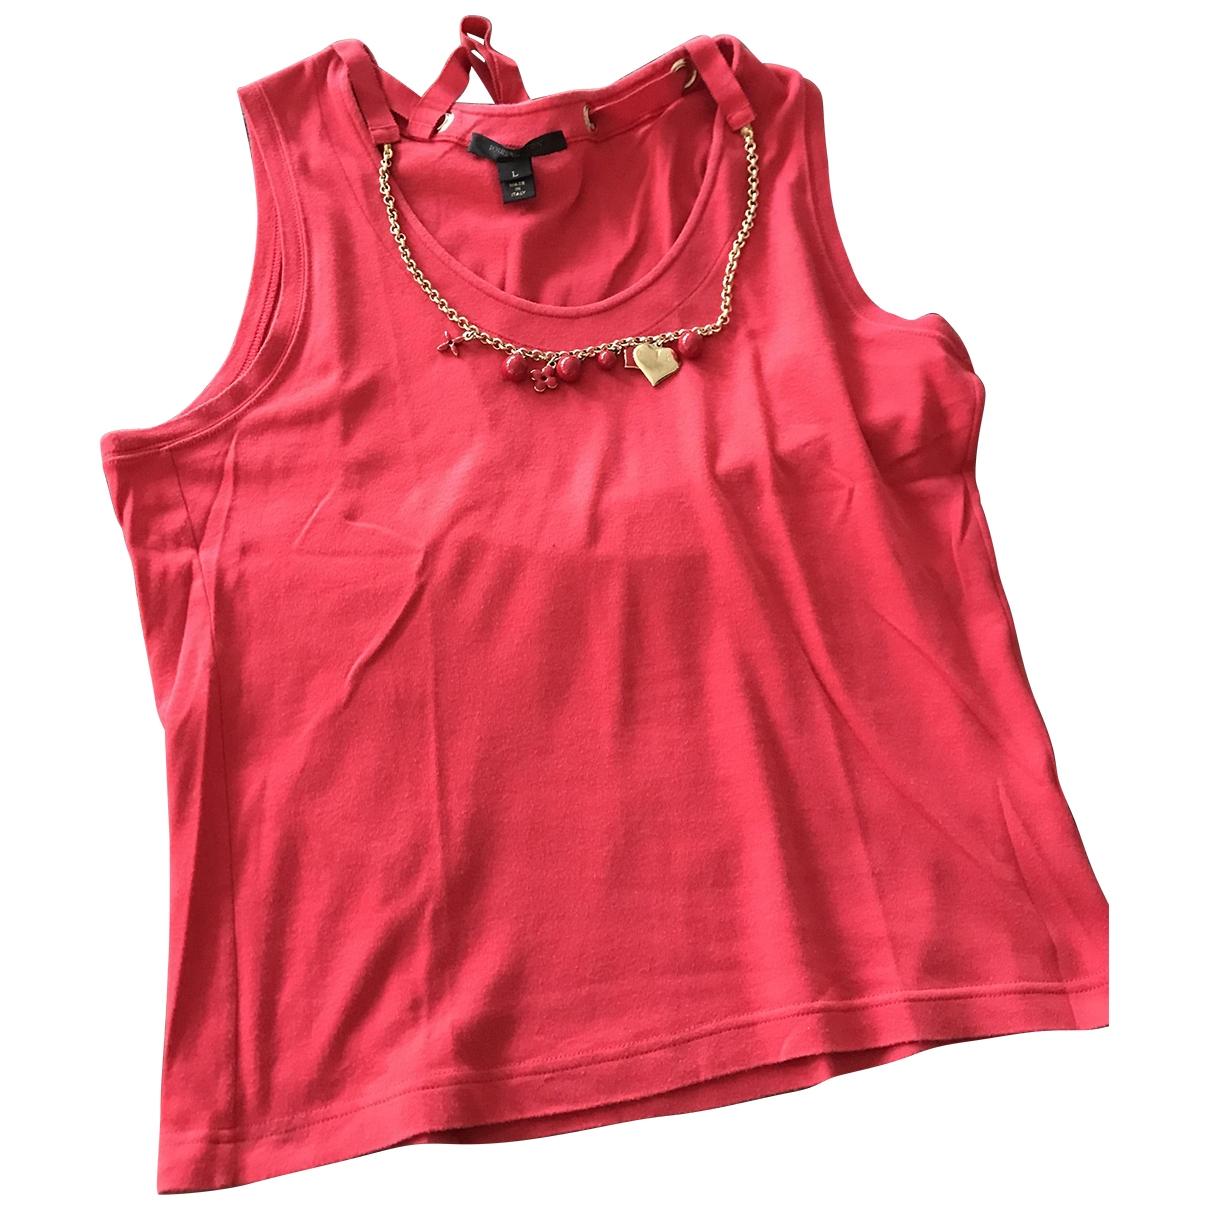 Louis Vuitton - Top   pour femme en coton - rouge